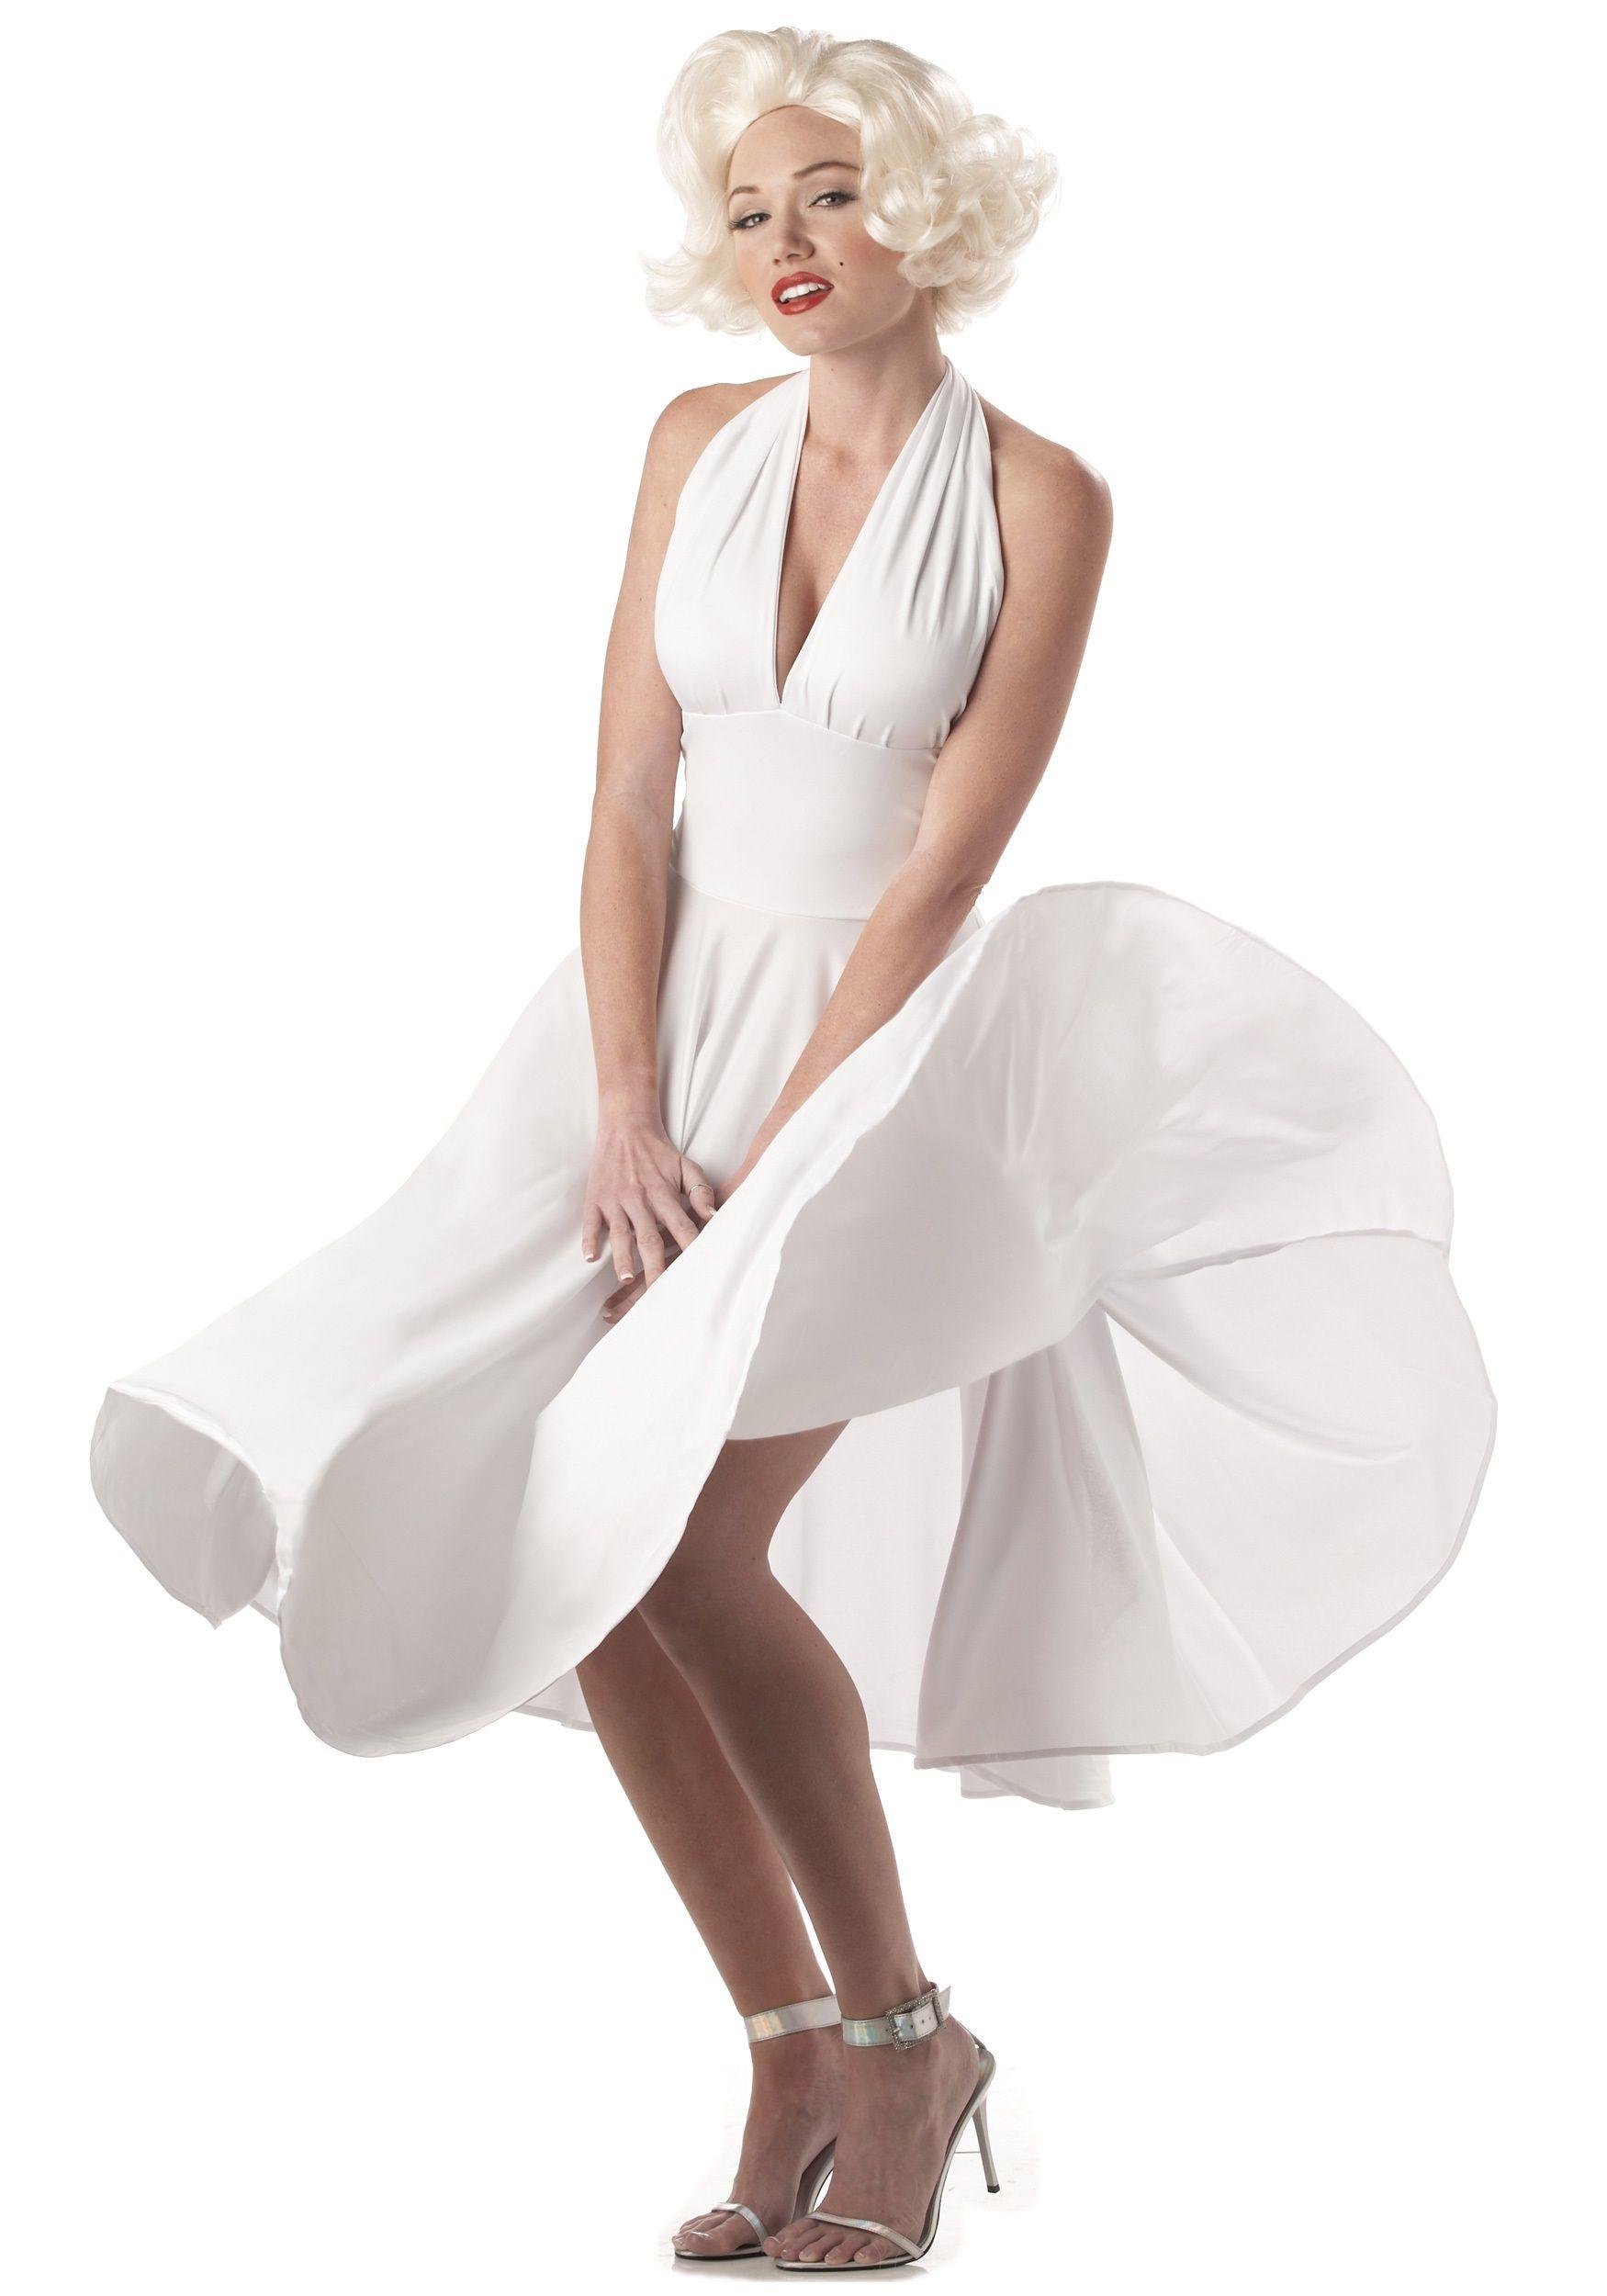 Marilyn Monroe White Dress Costume - White Halter Top Dresses ... 4289a5ef97